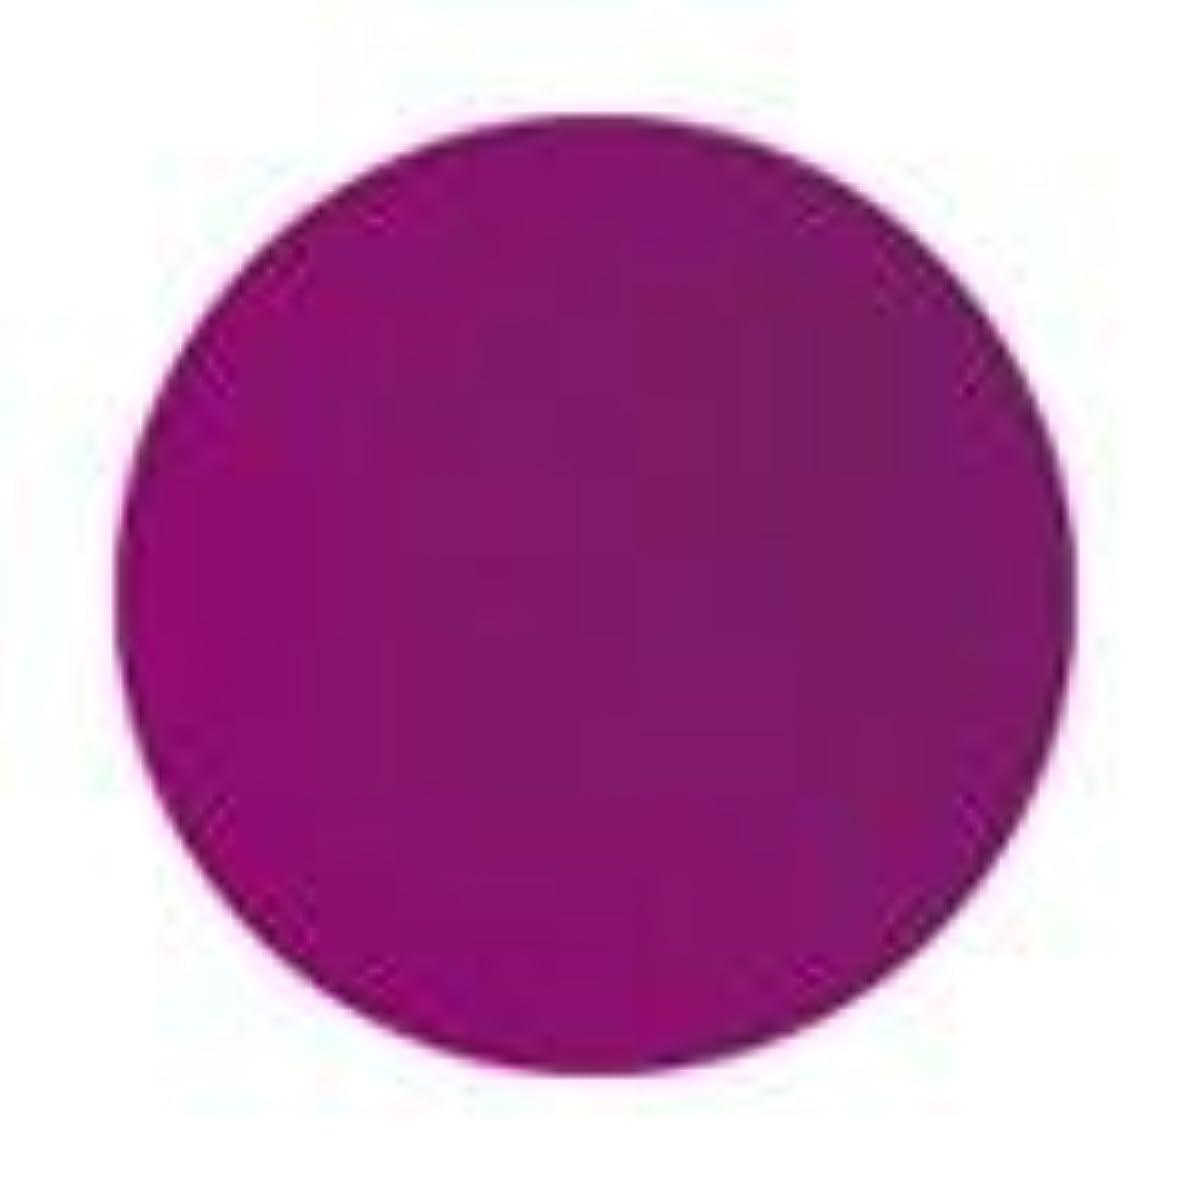 インレイ看板表示Jessica ジェレレーション カラー 15ml  953 バイオレットフレーム